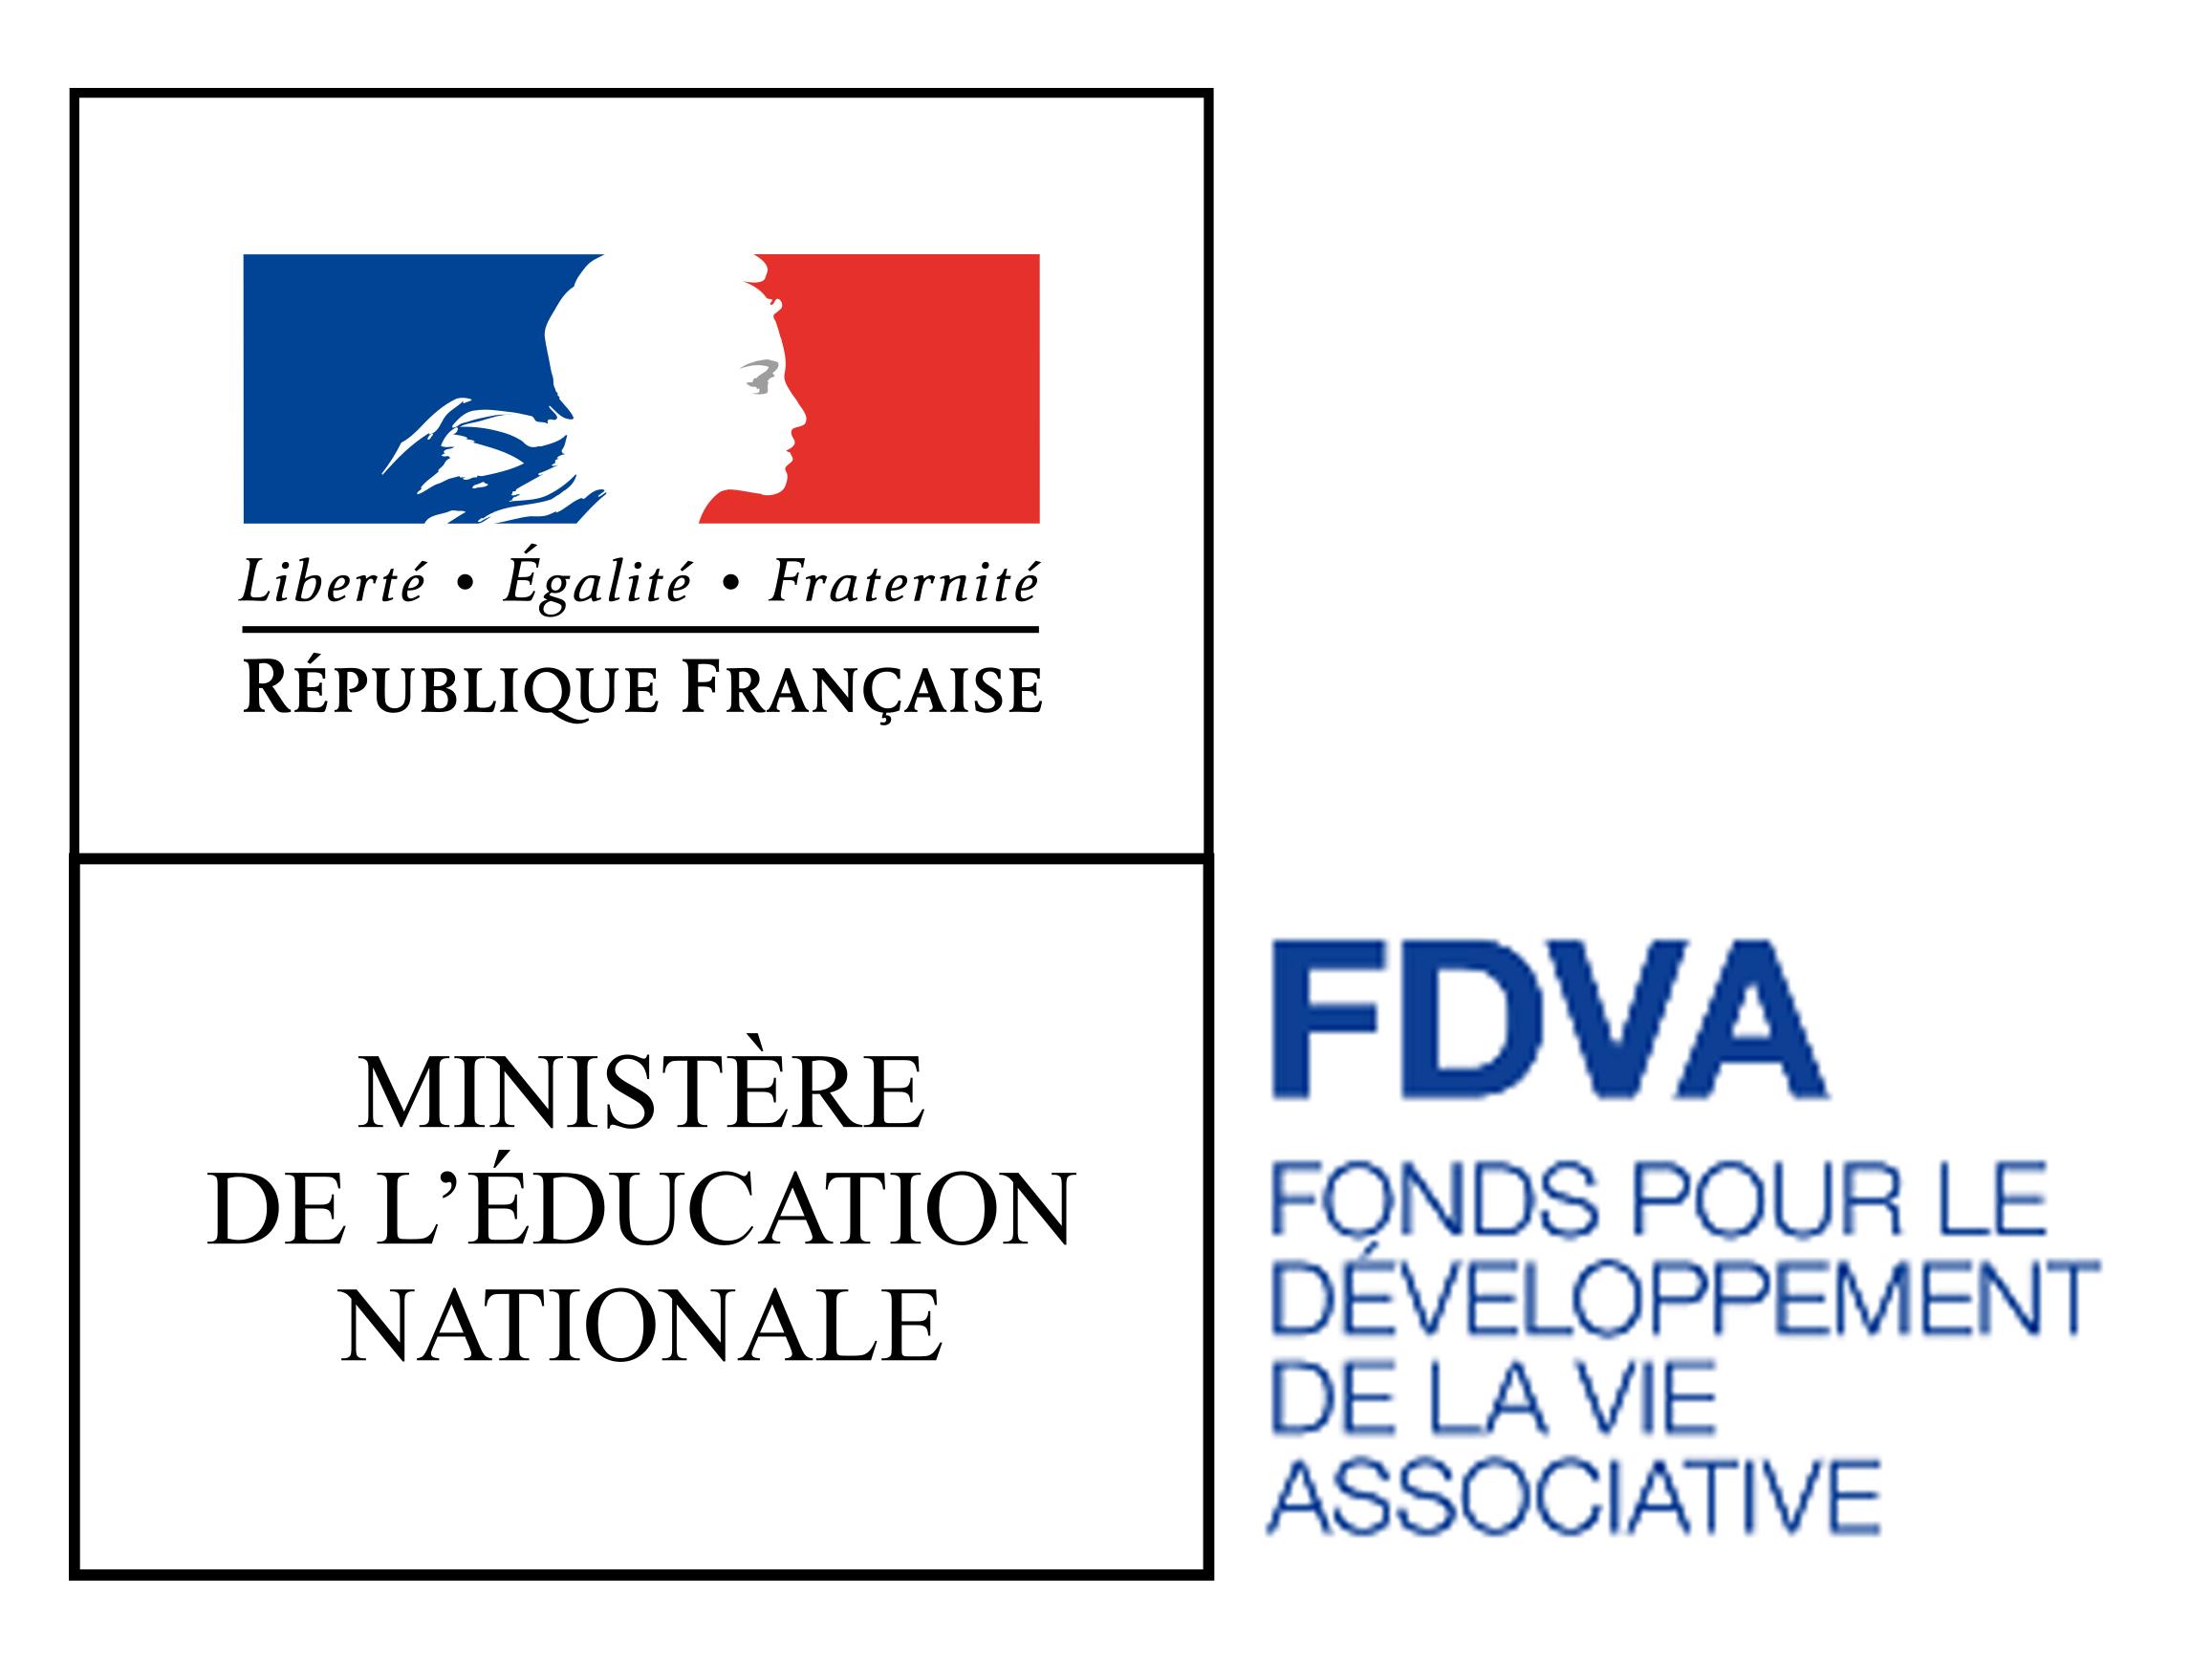 Fonds pour le Developpement de la Vie Associative